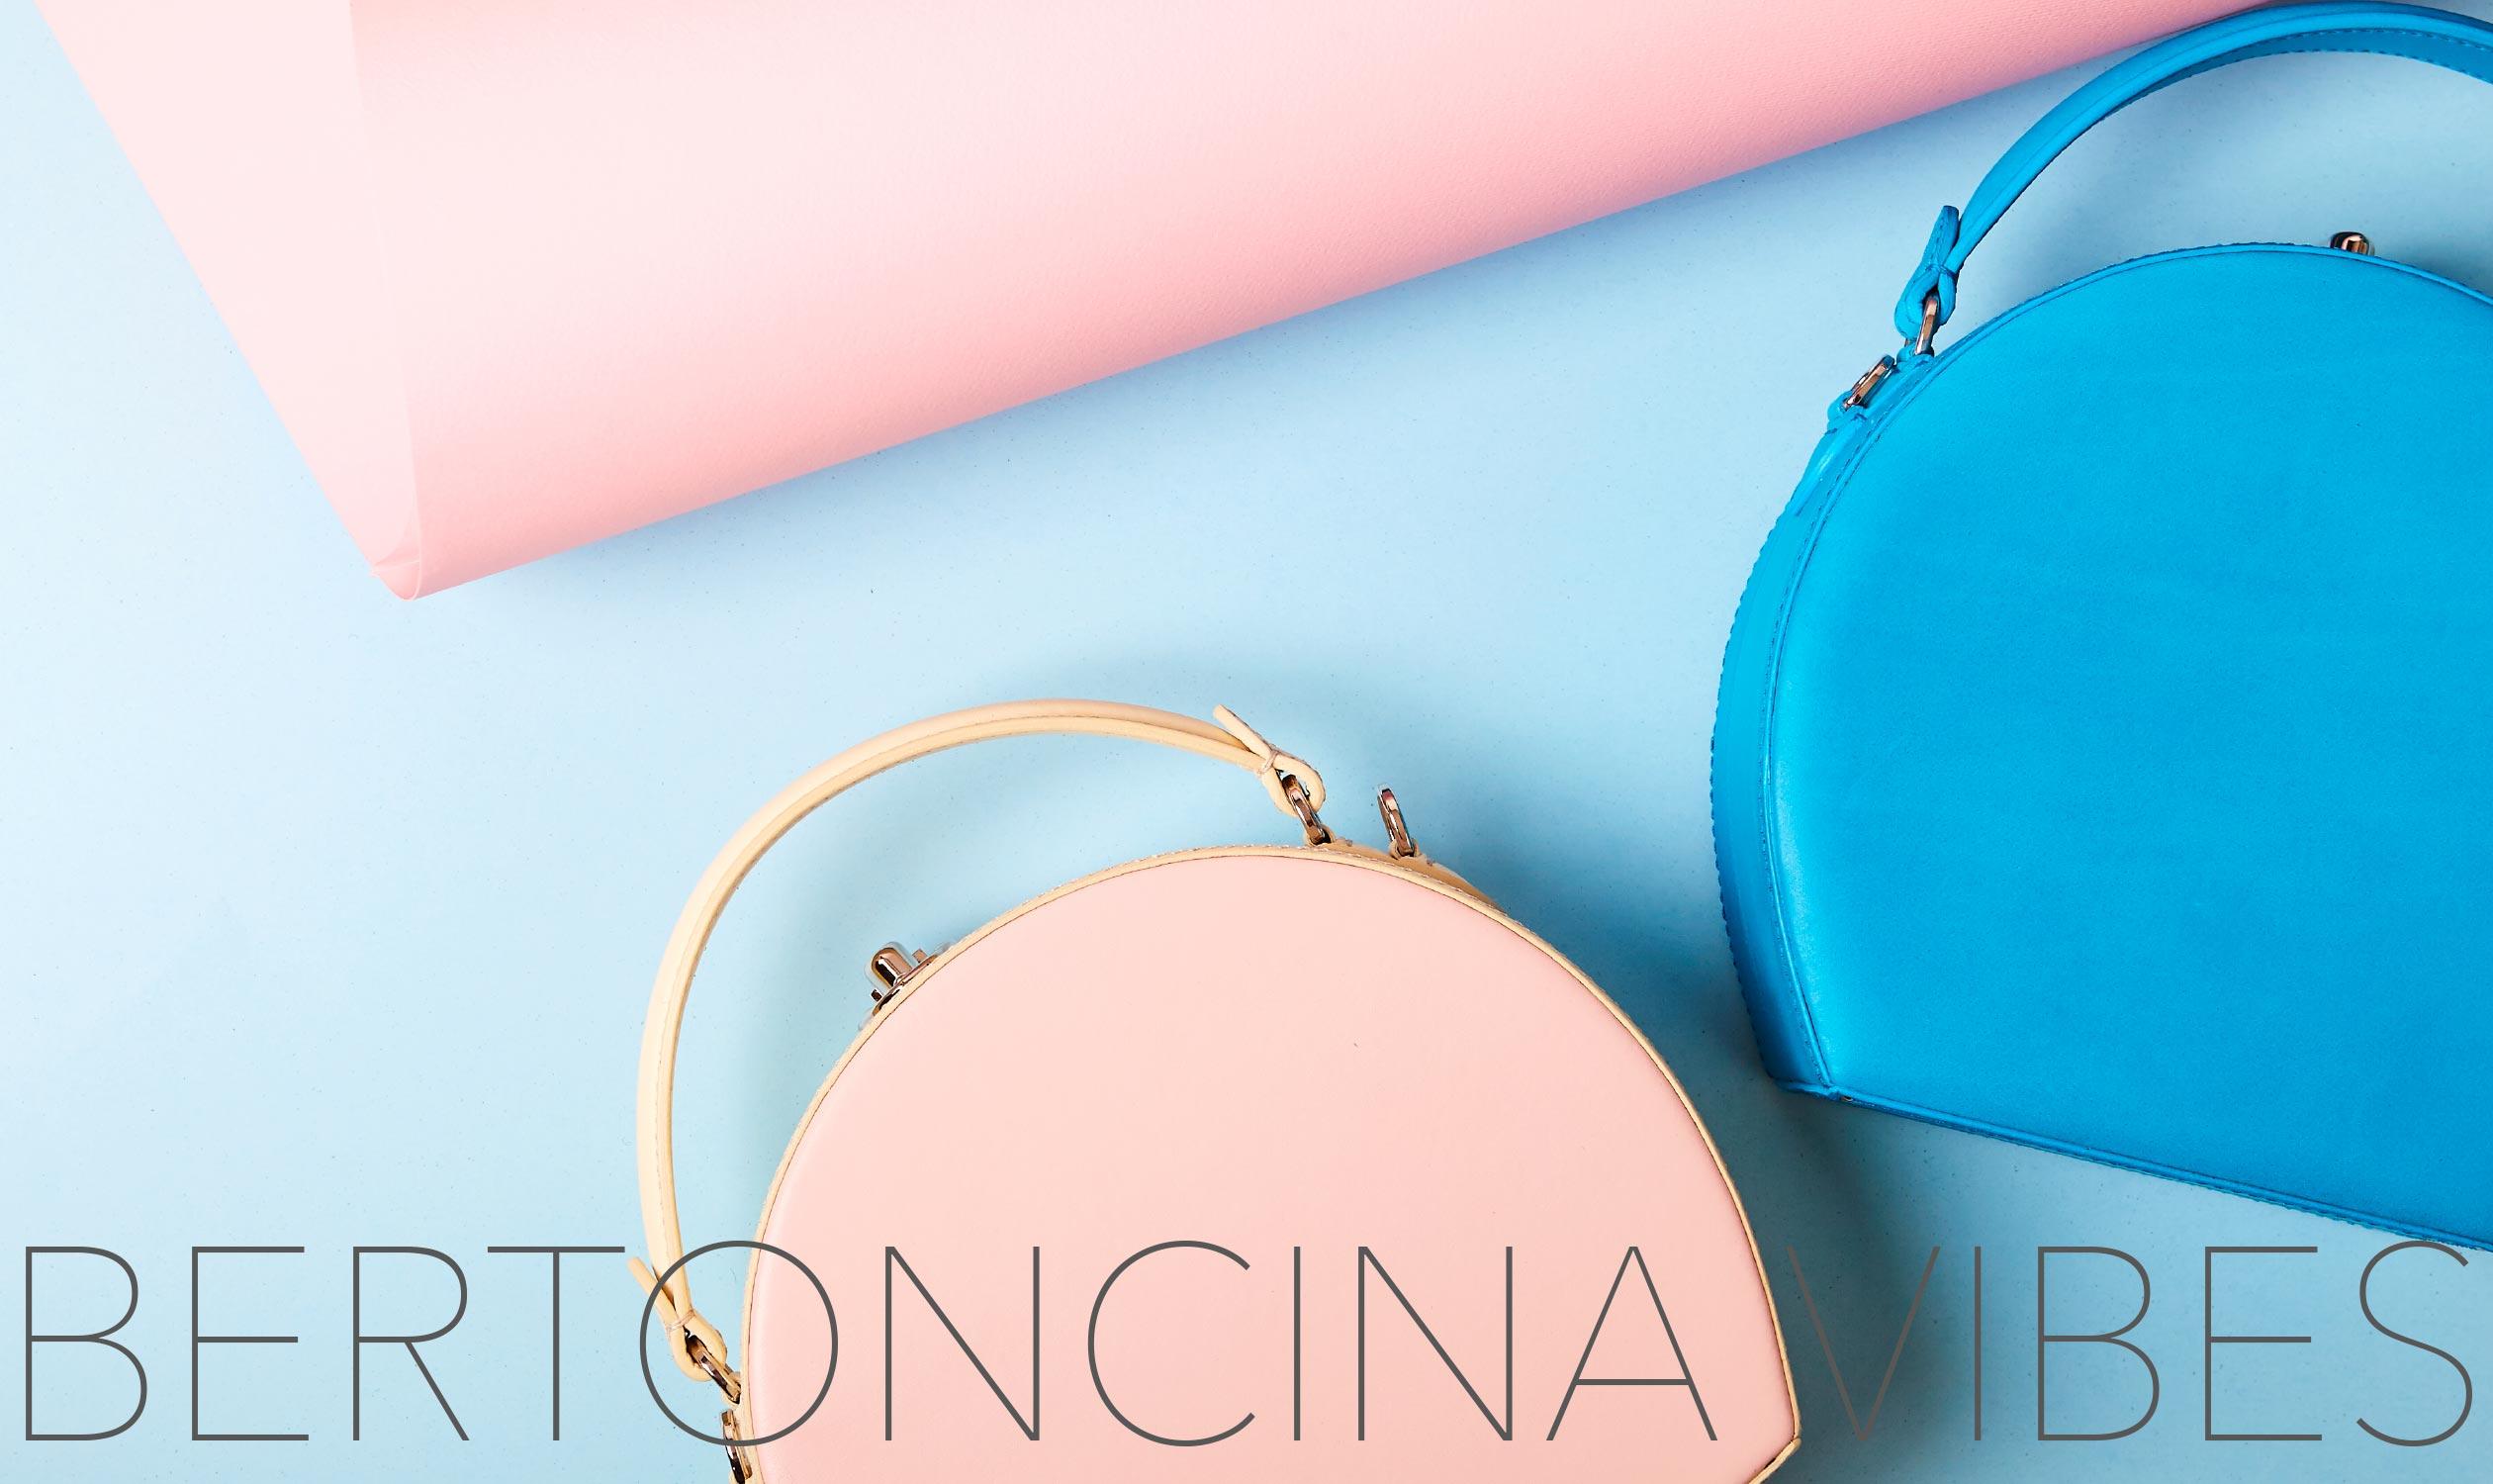 Bertoncina-rosa-blu-big-bertoni-1949